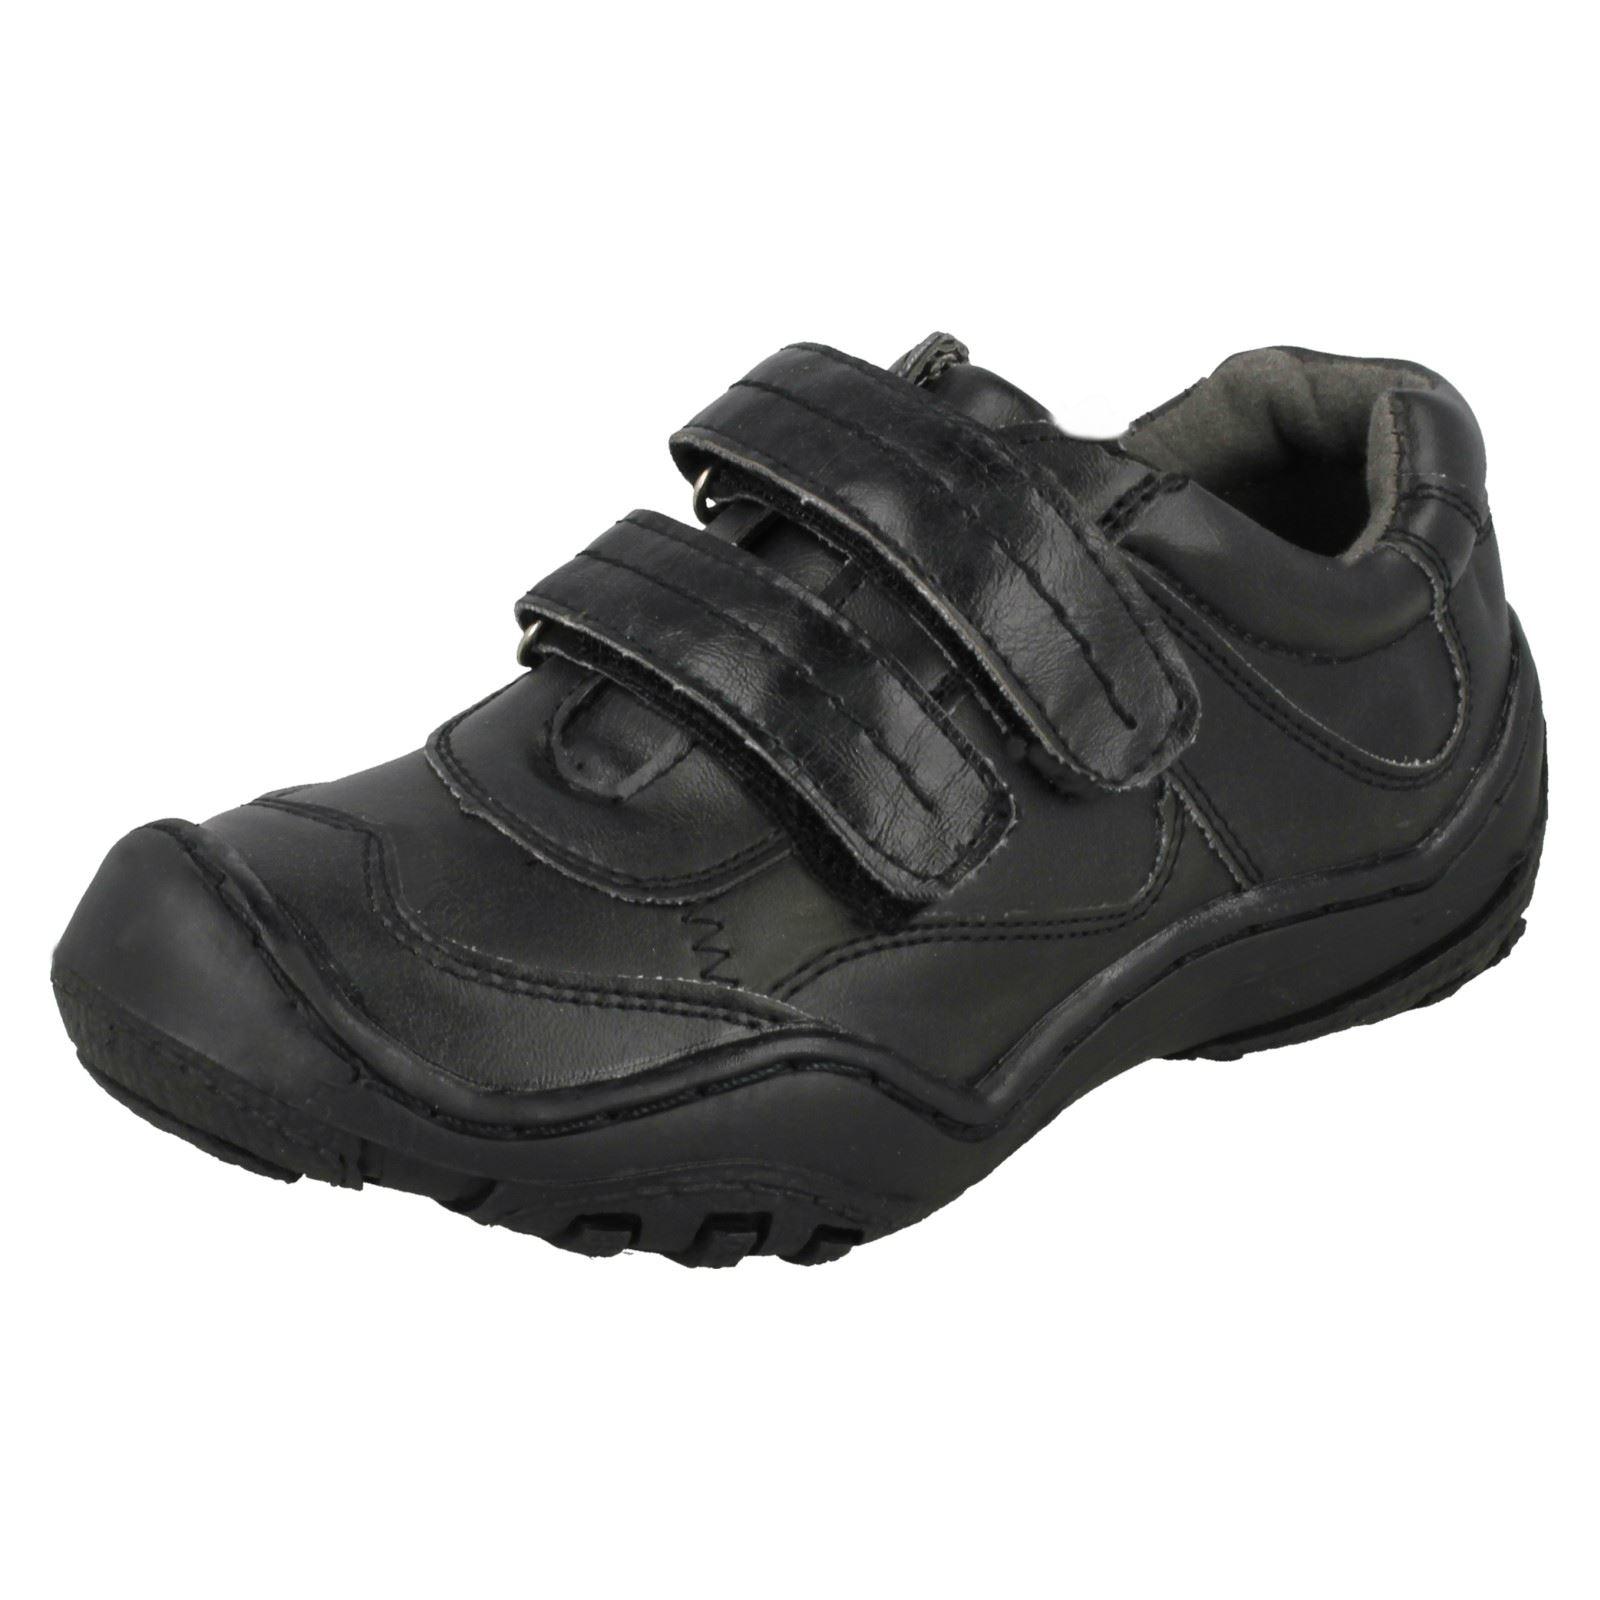 Muchachos Jcdees Informal Zapatos Escolares